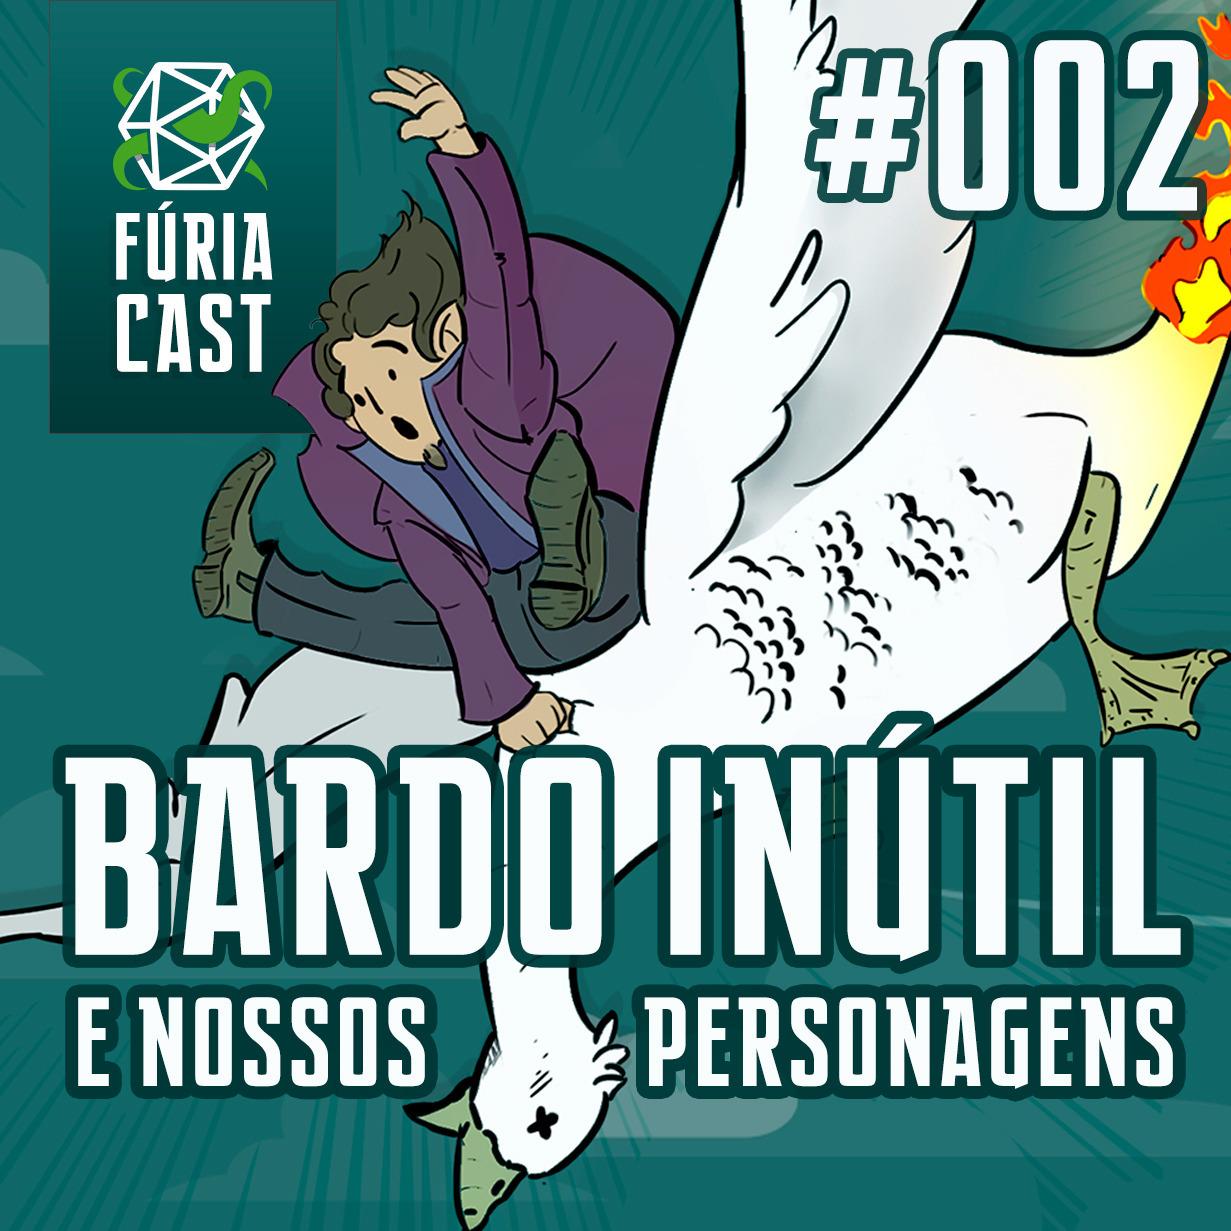 FÚRIACAST #002: BARDO INÚTIL E NOSSOS PERSONAGENS